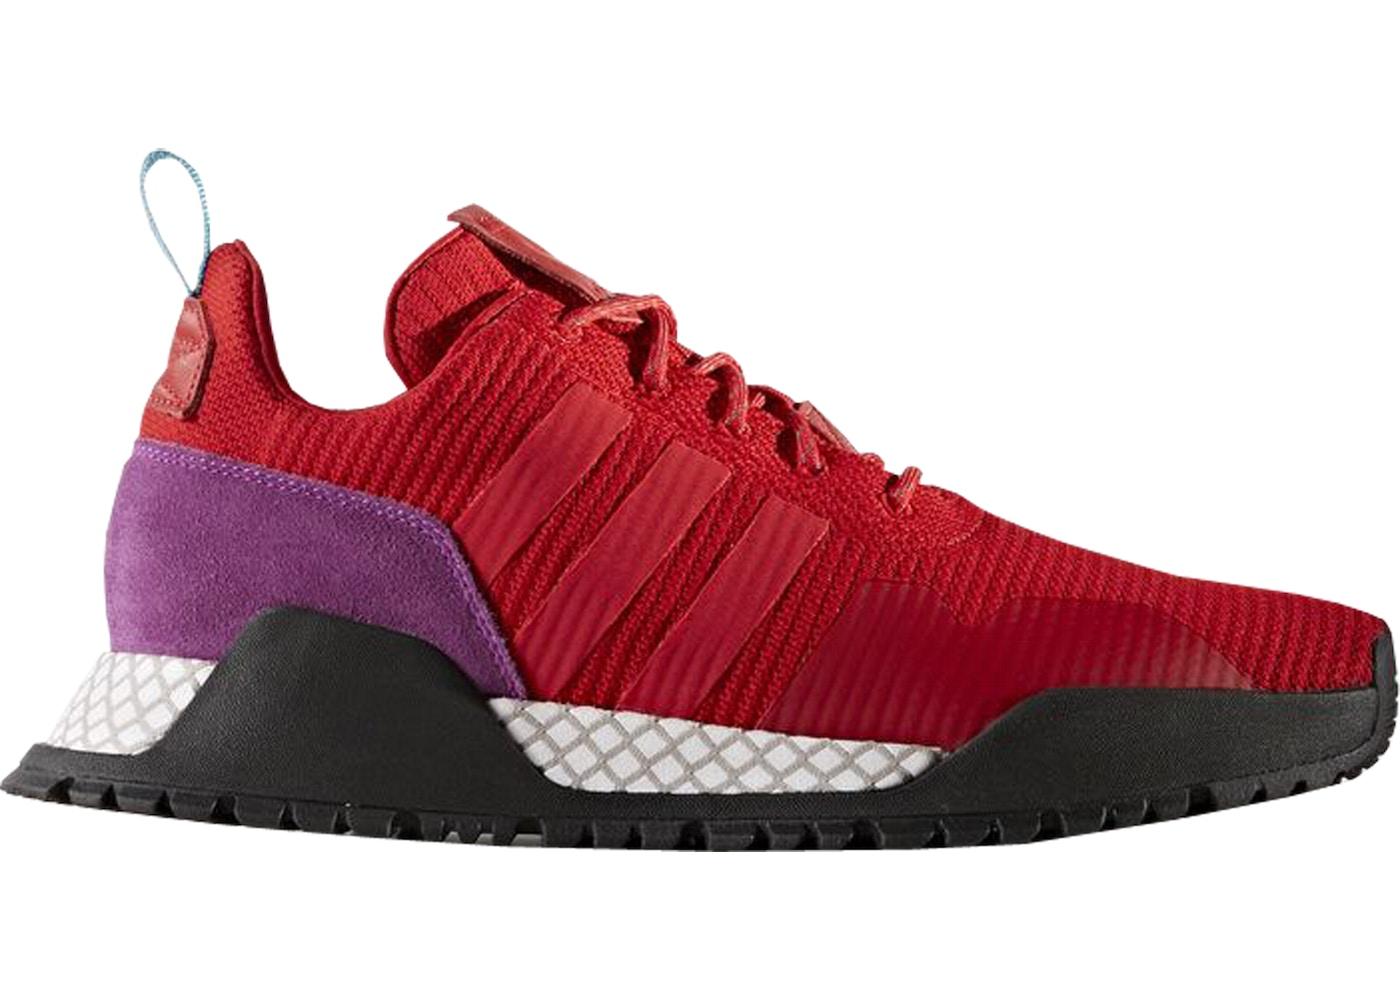 5eeb0f5ebcd7 adidas AF 1.4 Scarlet - BZ0614